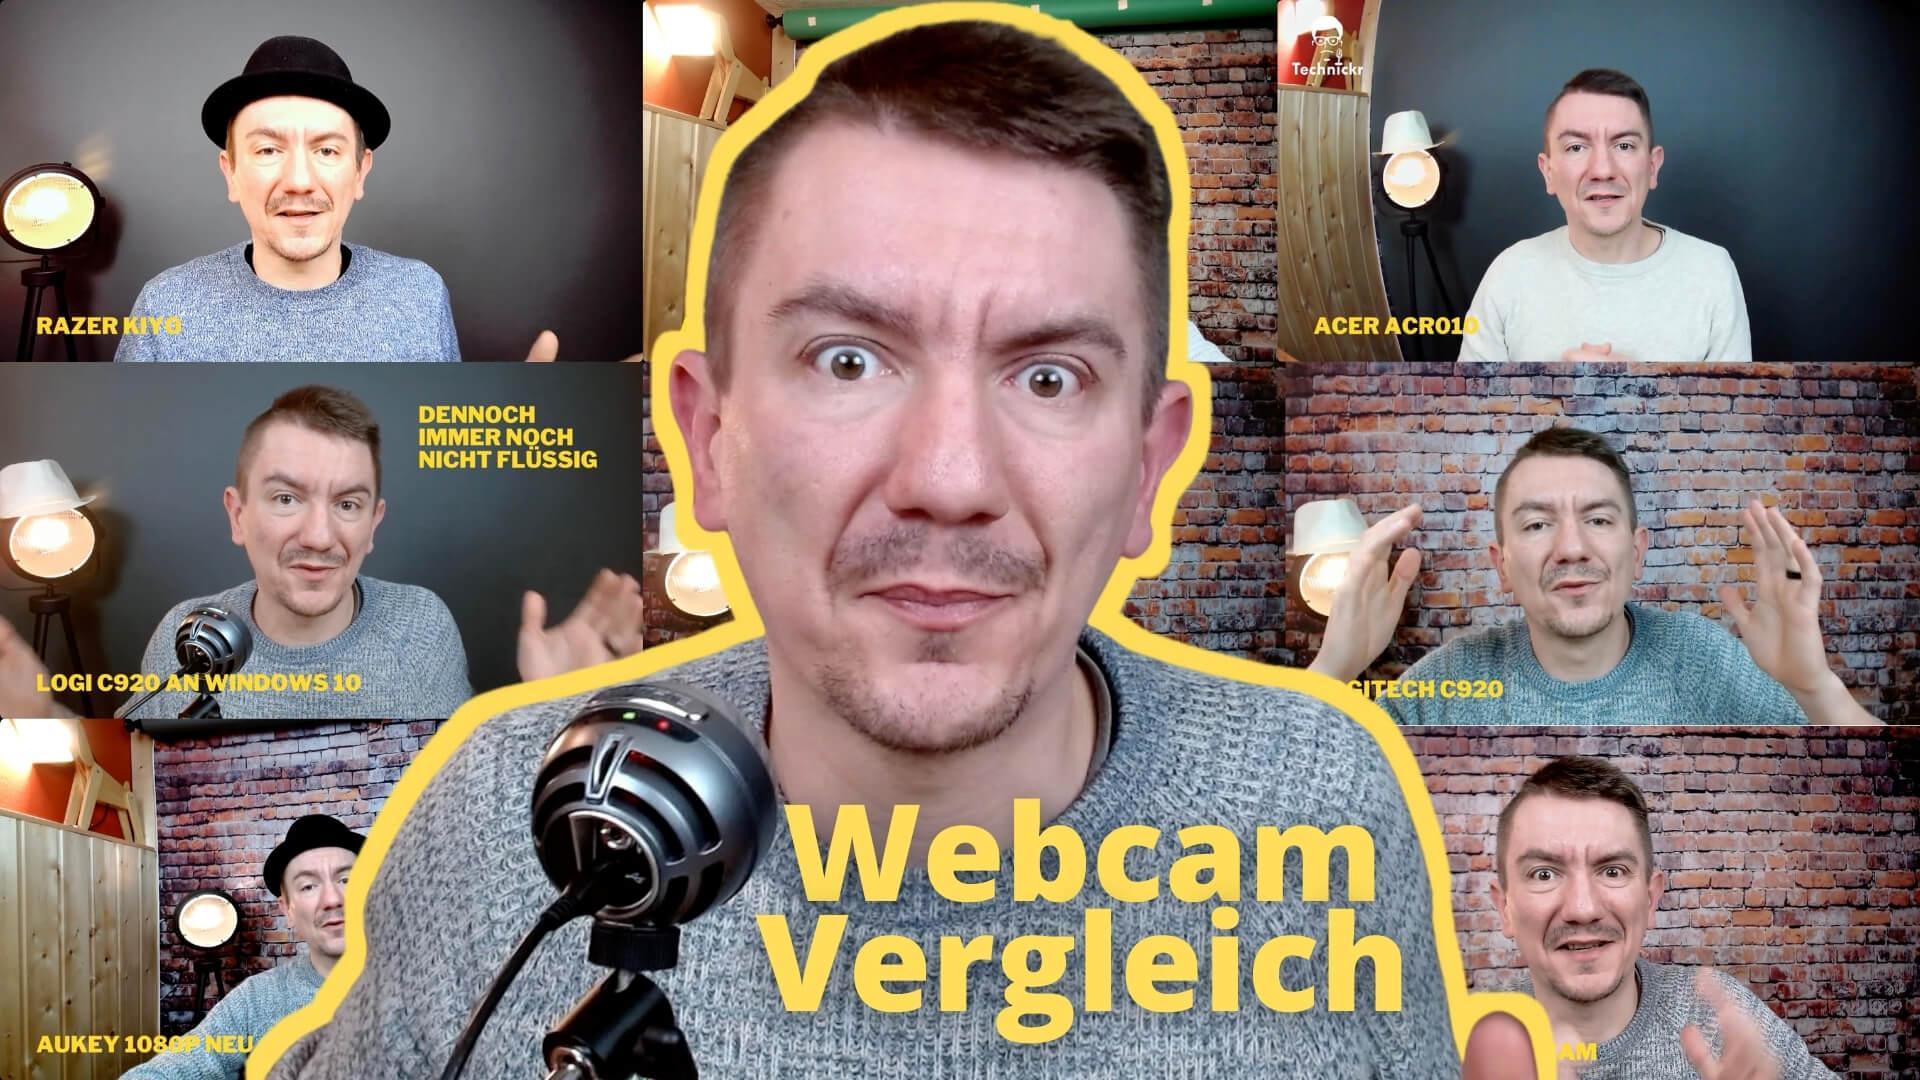 7 aktuelle Webcam für Videokonferenzen im Test, nur 1 klarer Sieger!